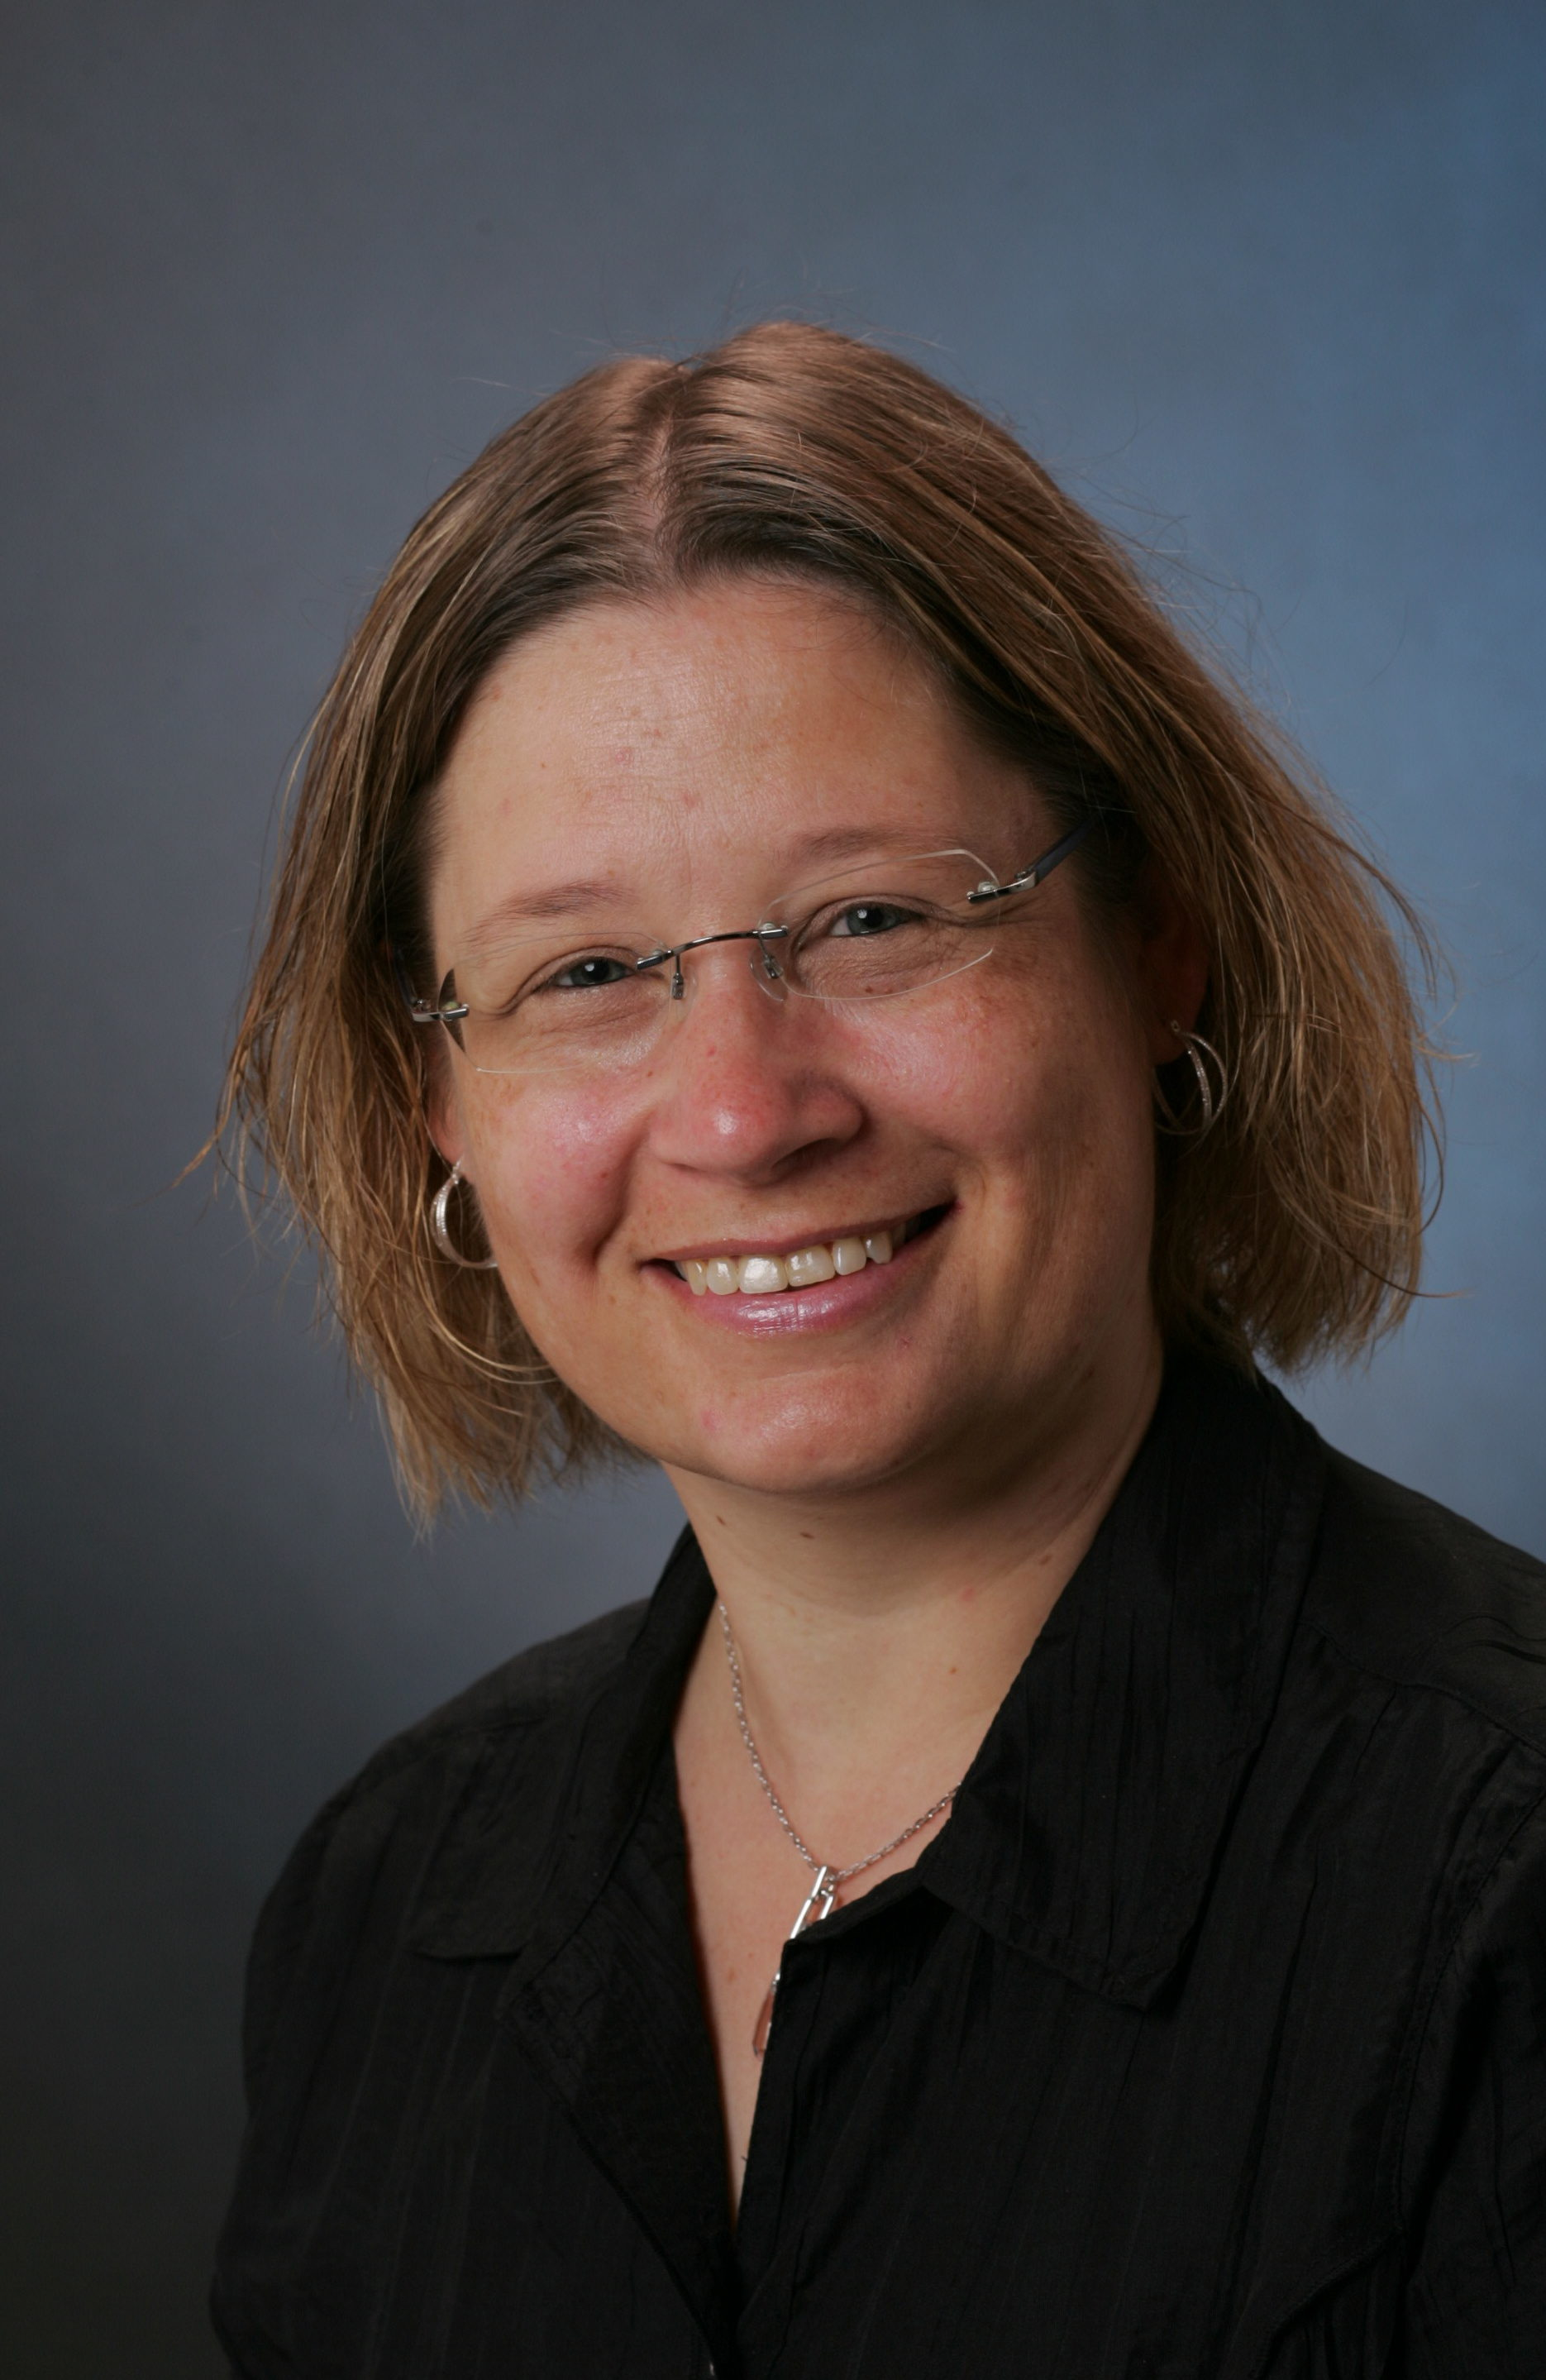 Frau Schneider